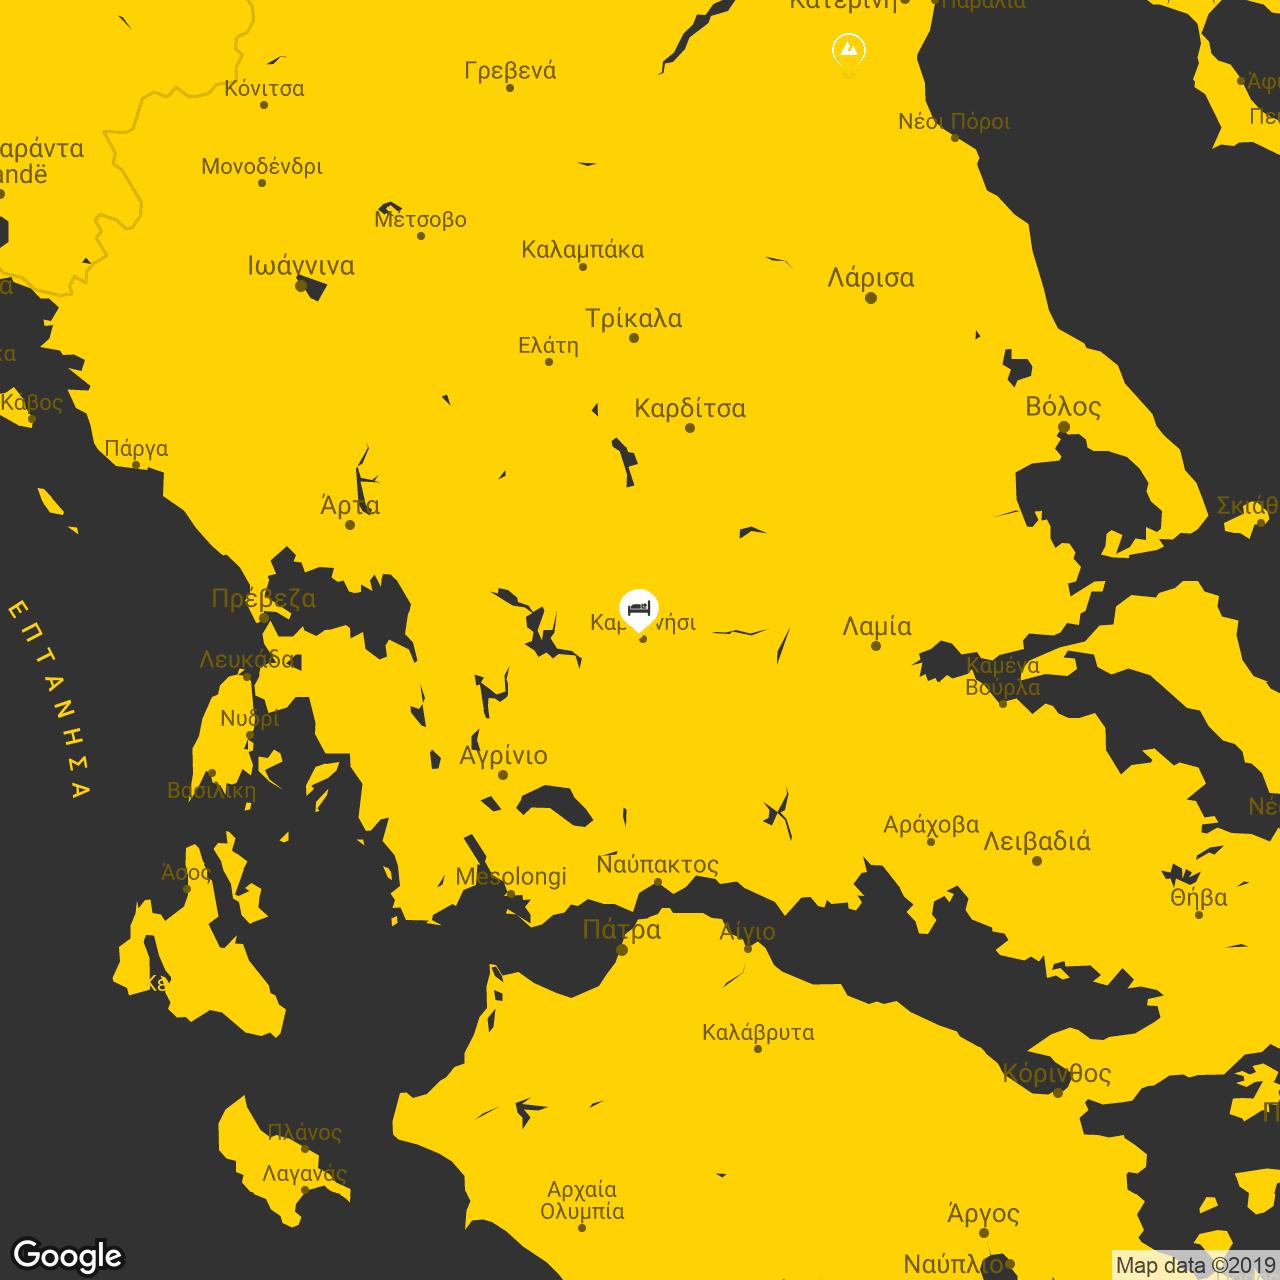 lecadin hotel map